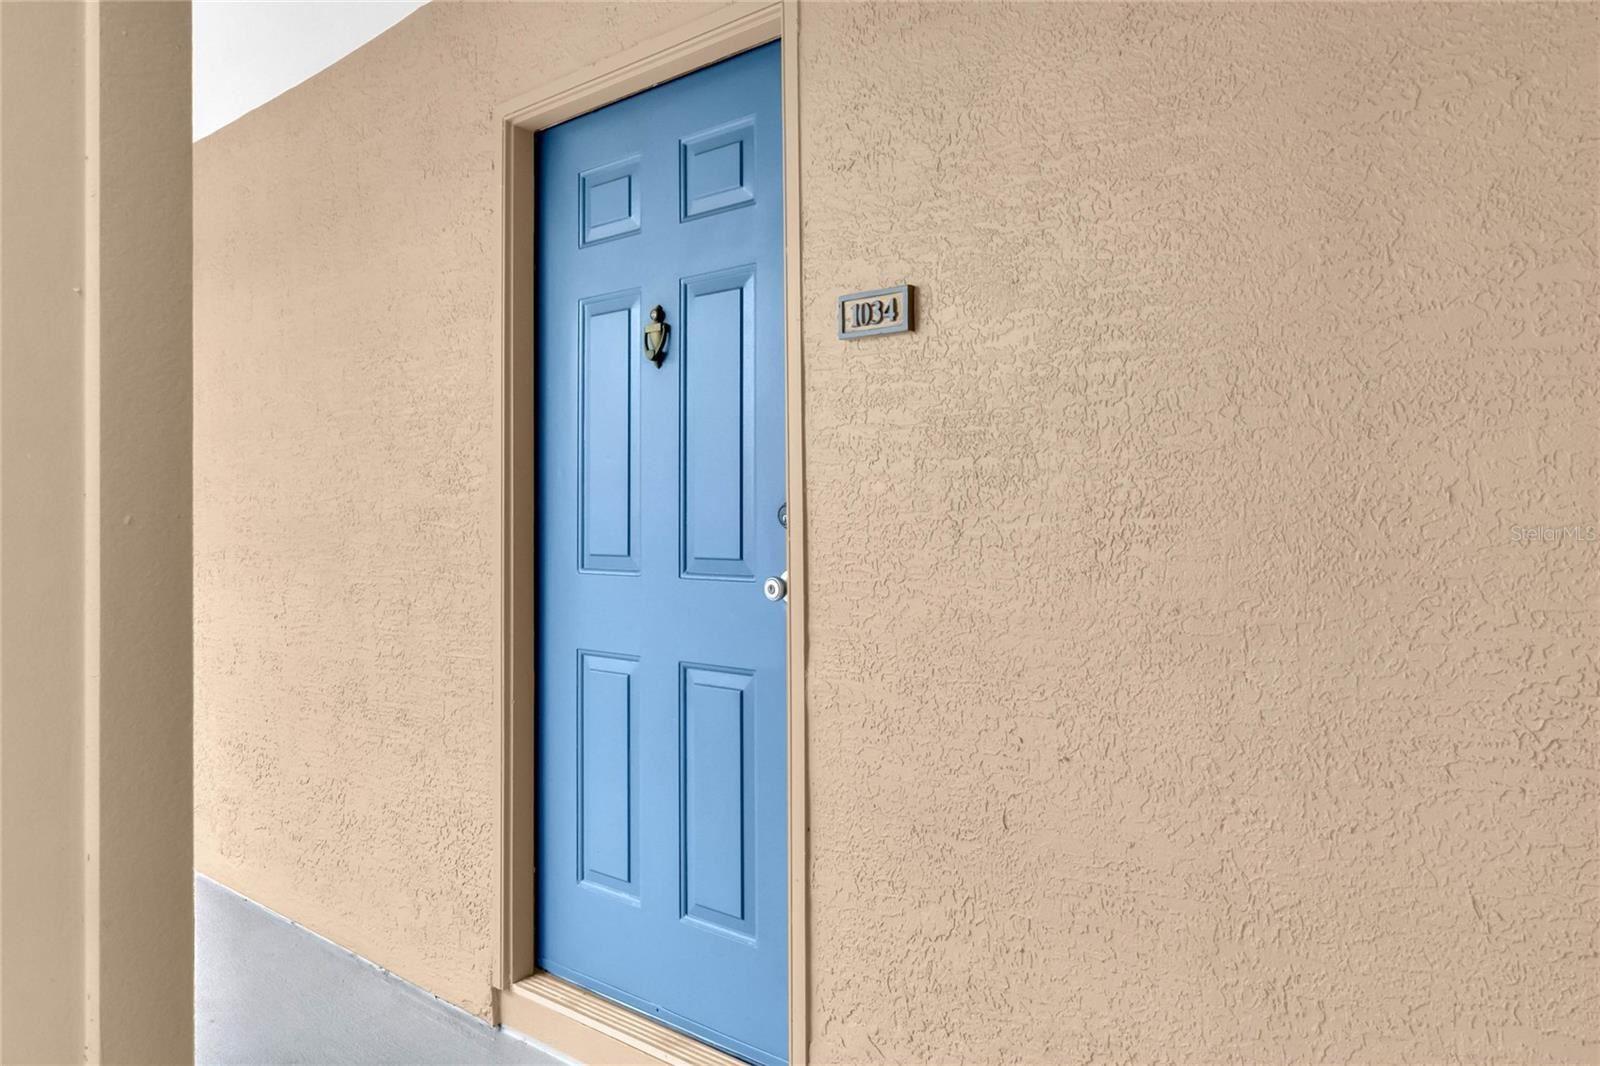 7250 WESTPOINTE BOULEVARD #1034, Orlando, FL 32835 - #: G5044262